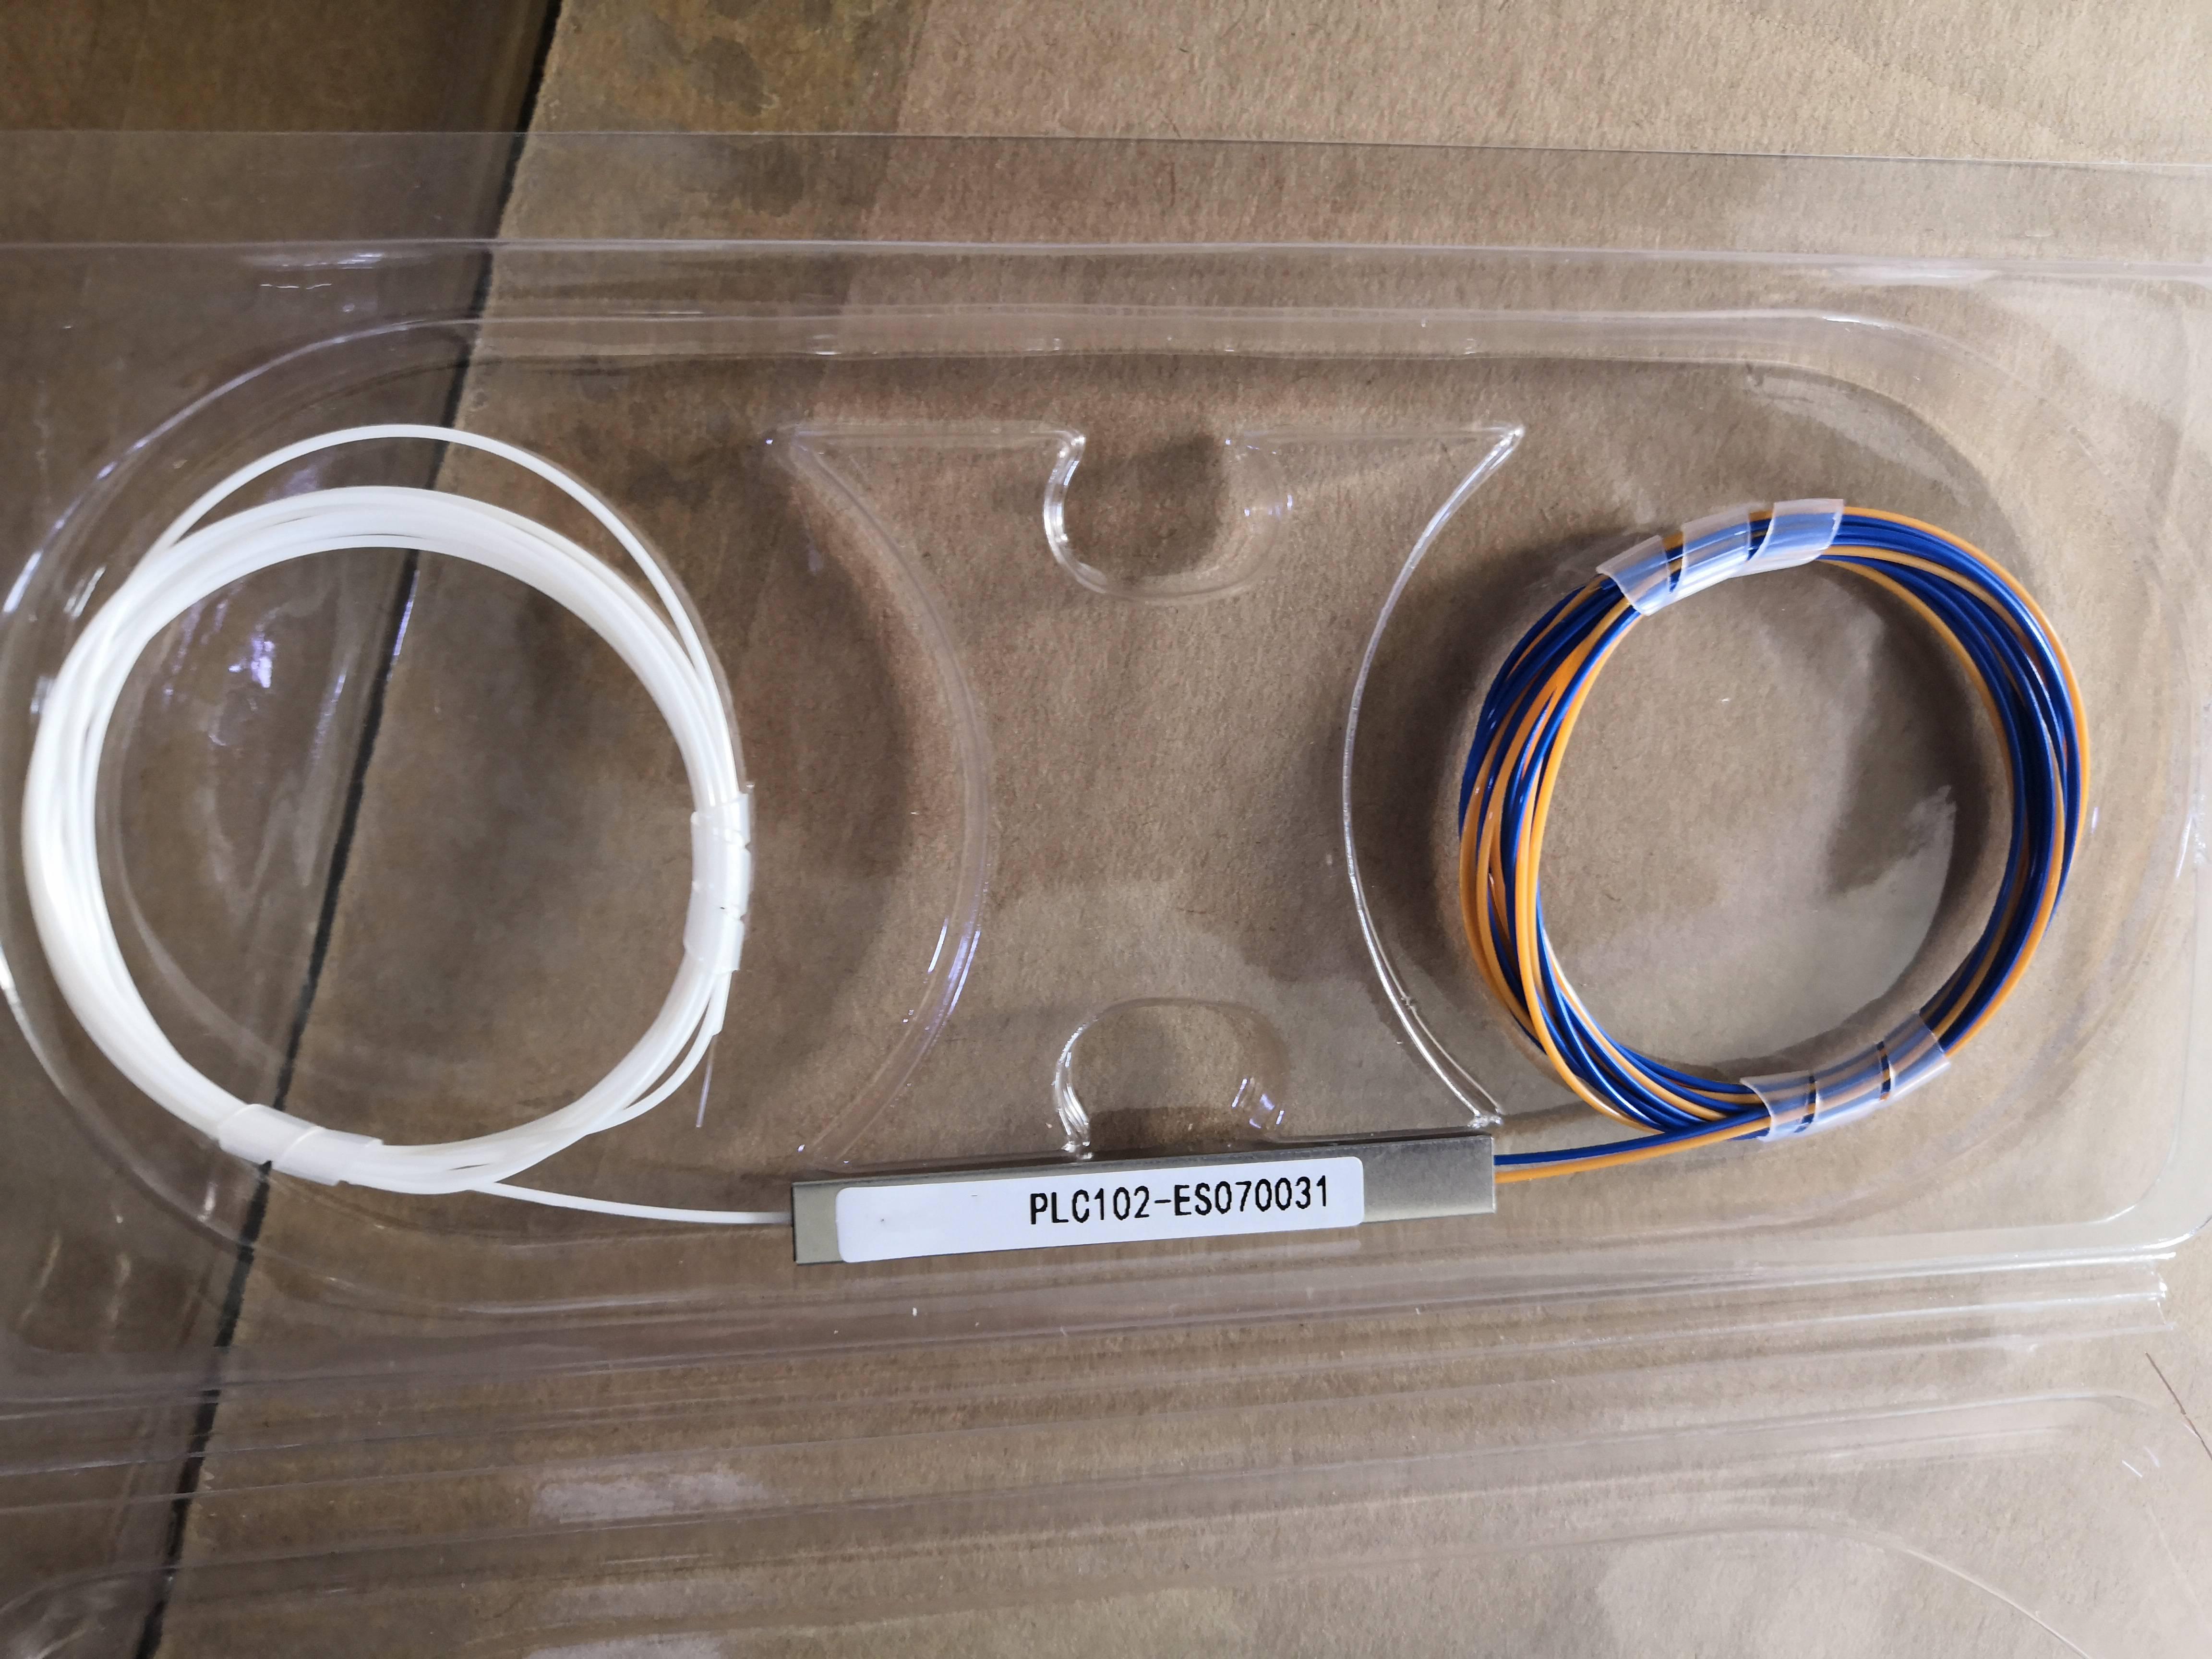 1*2 1*4 1*8 1*16 1*32 micro mini fiber optic PLC splitter